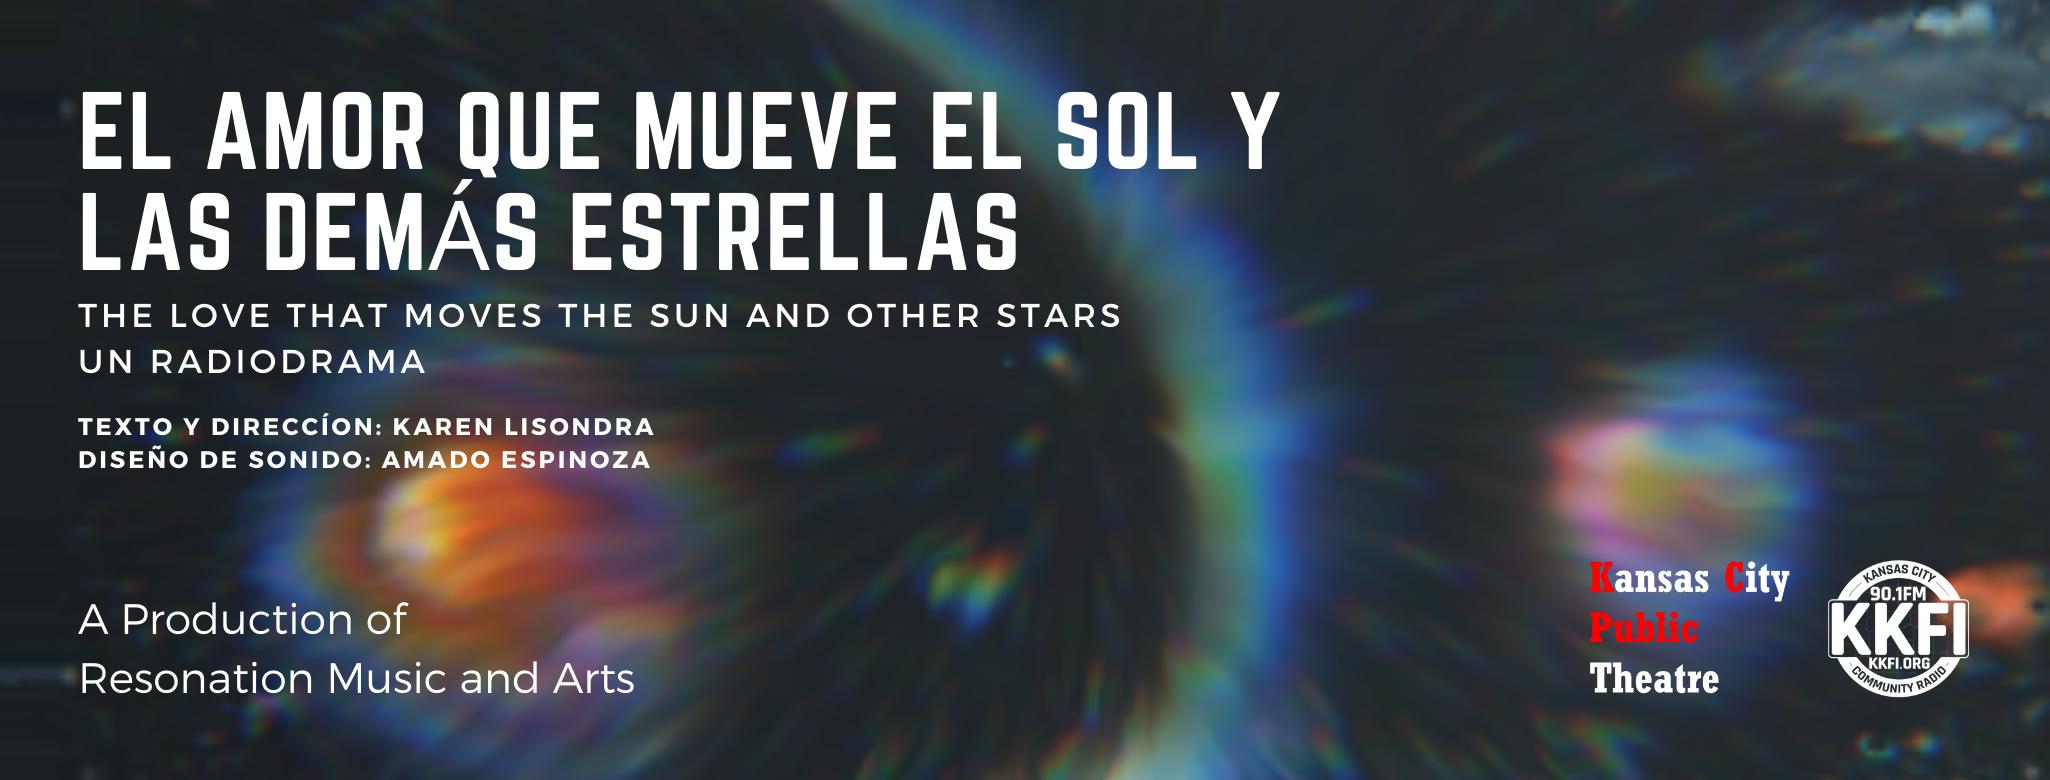 copy-of-el-amor-que-mueve-el-sol-y-las-demacc81s-estrellas1